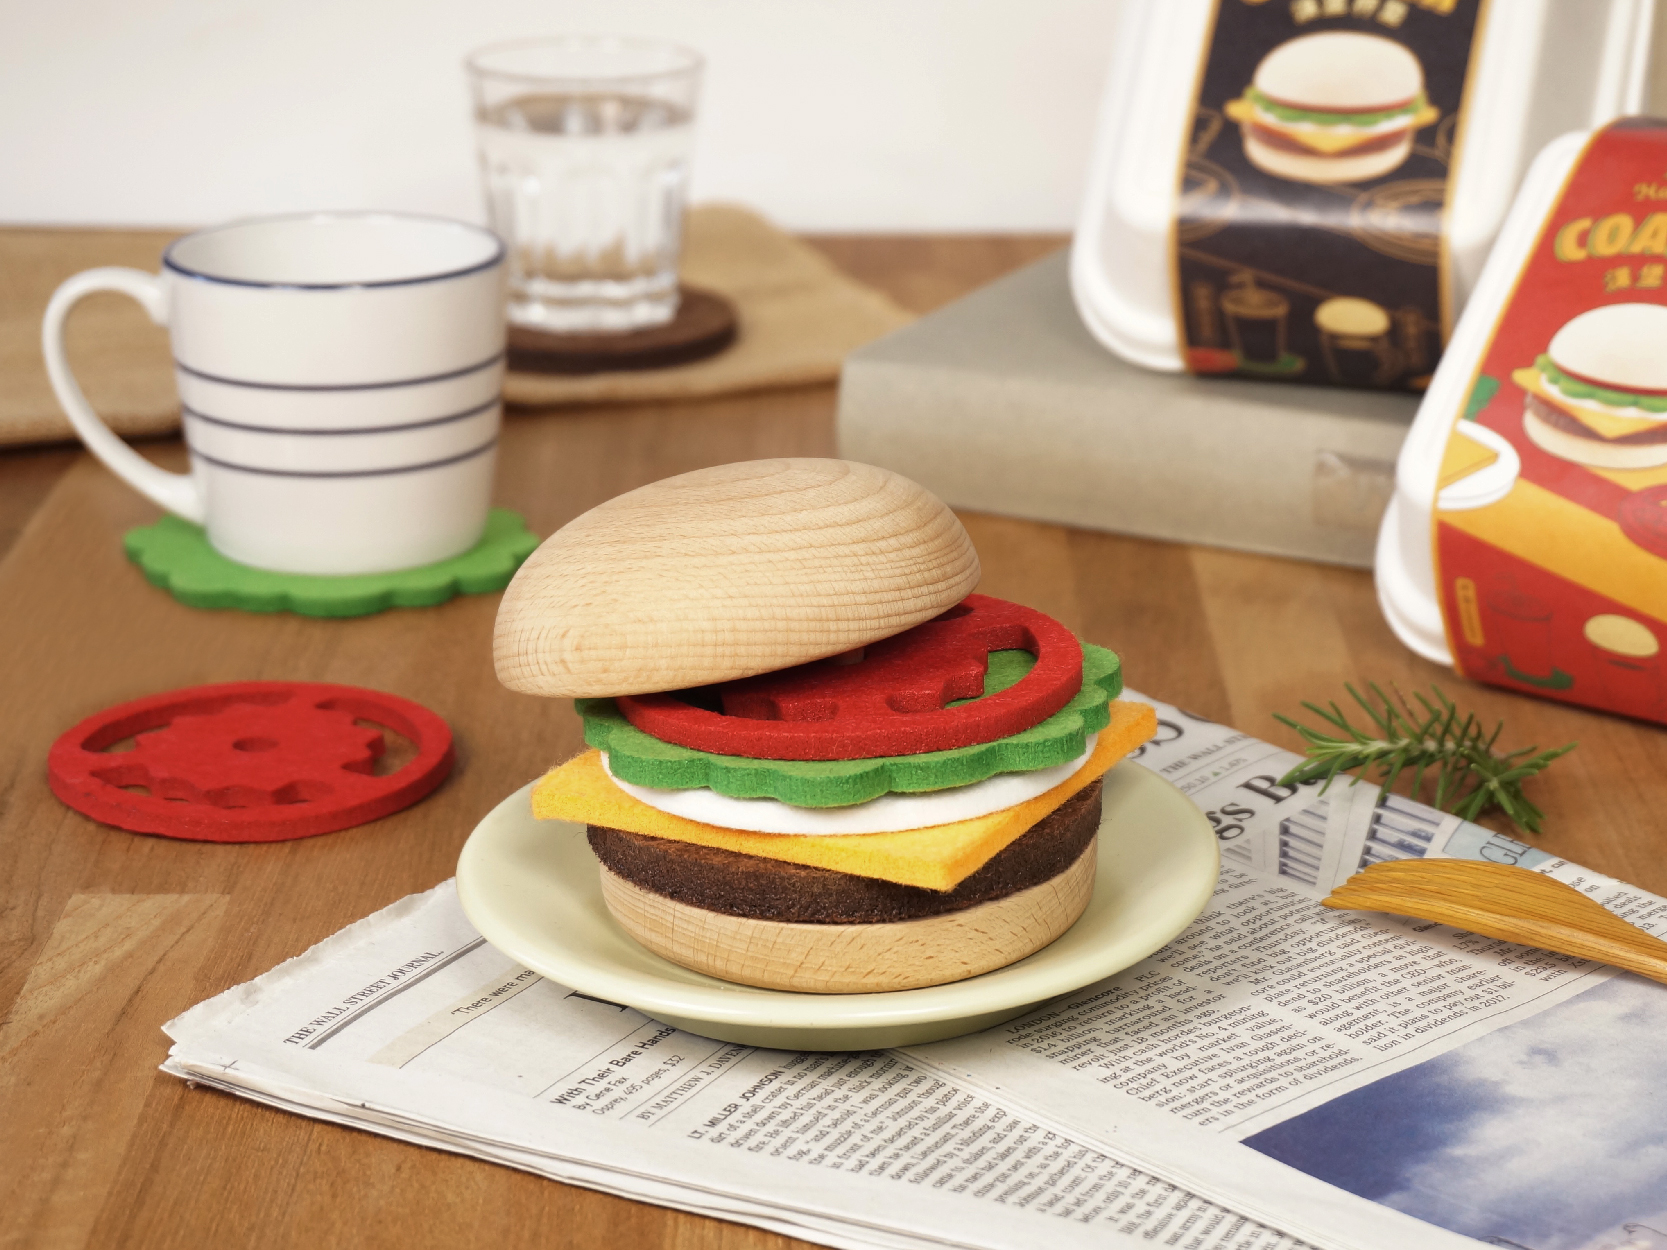 漢堡杯墊 / Hamburger Coaster